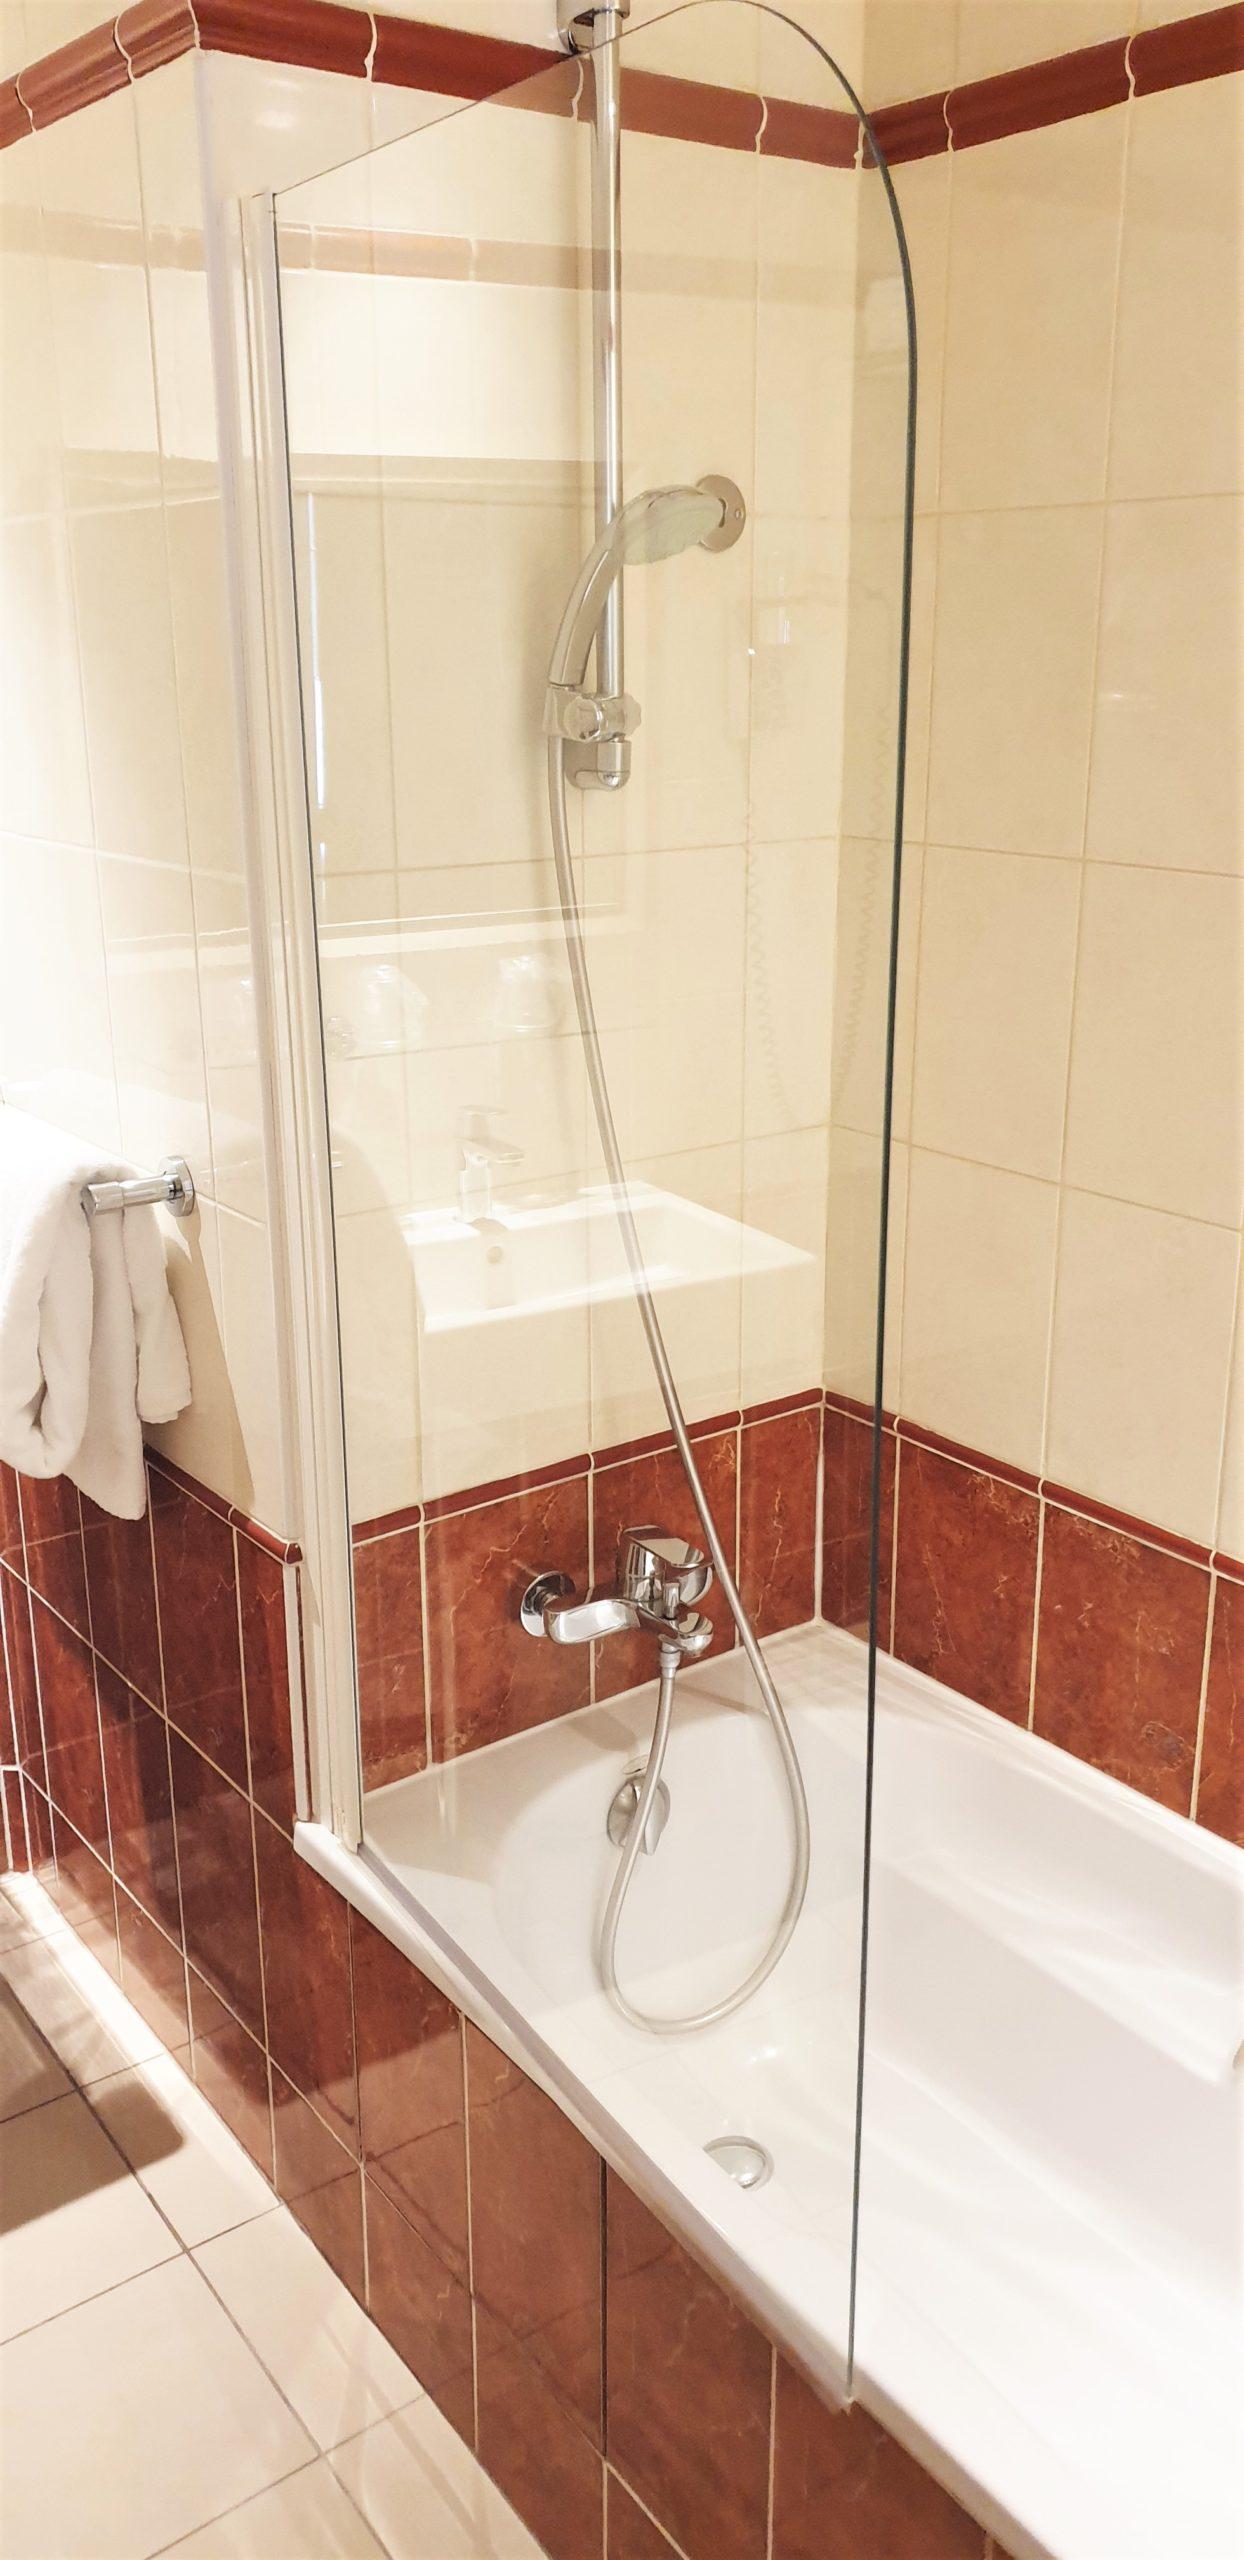 salle de bain double supérieure - hôtel magda champs-élysées